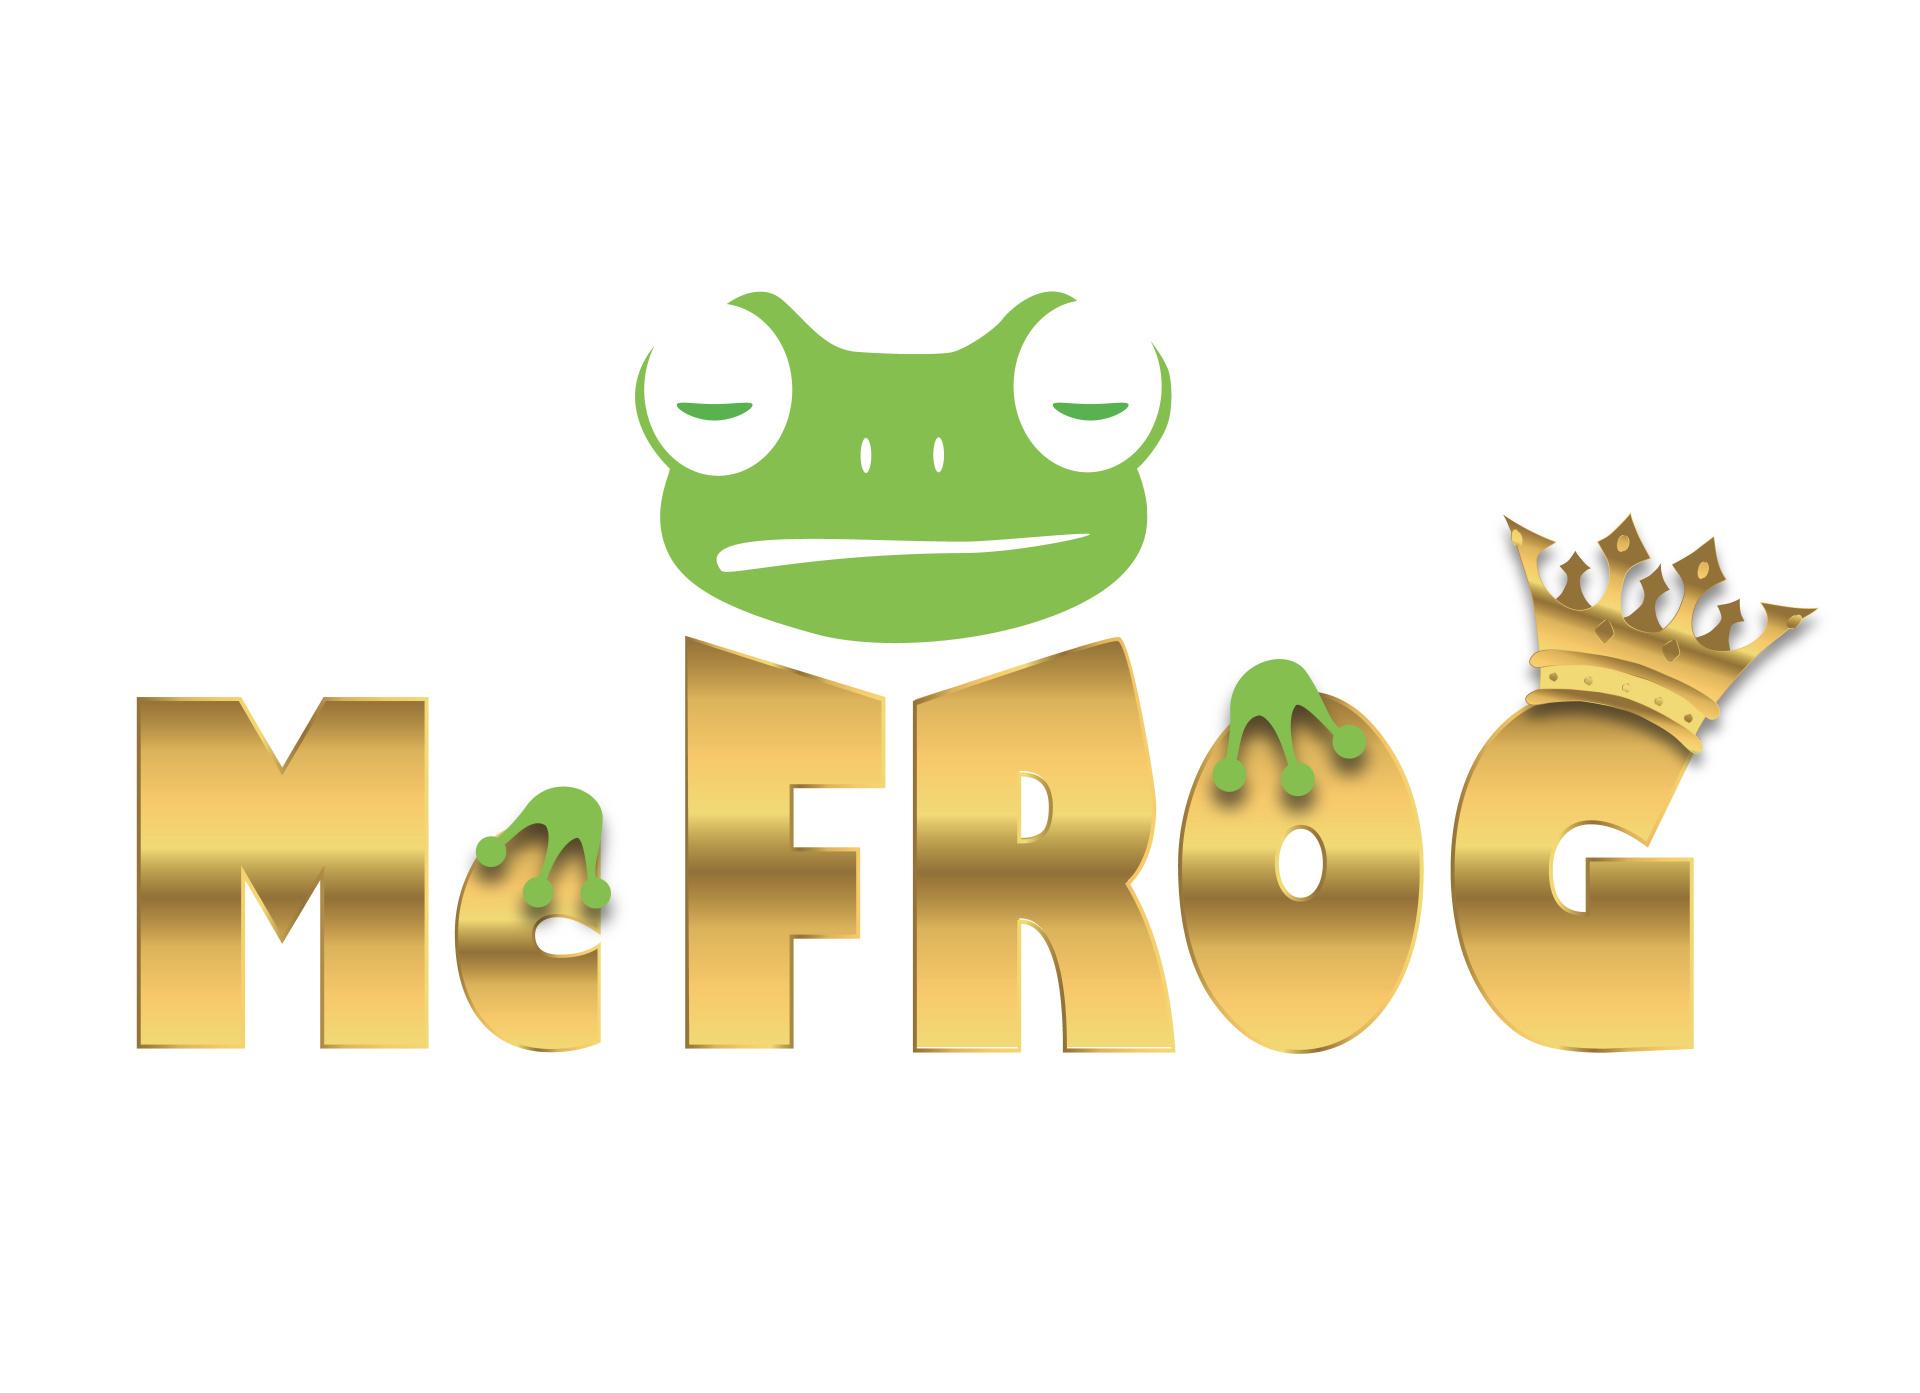 McFrog FullHD (JPG)